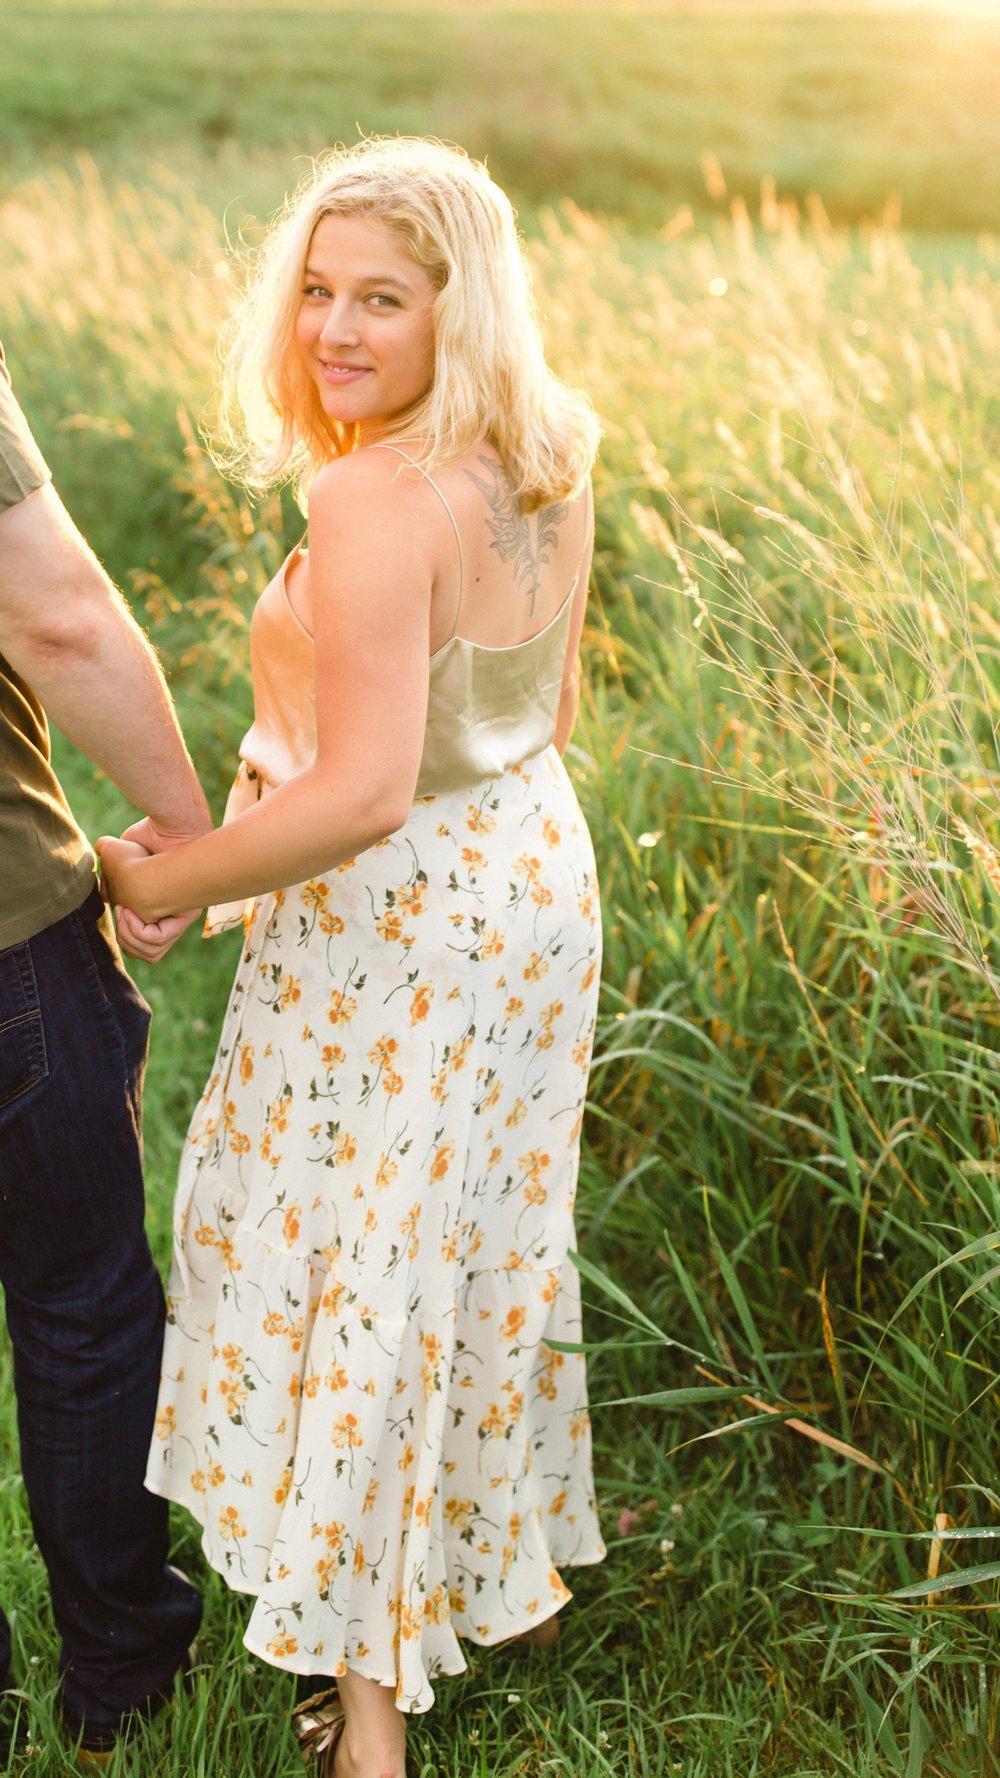 Claire+Alex+Engagement-Final+Engagement+Collection-0001.jpg